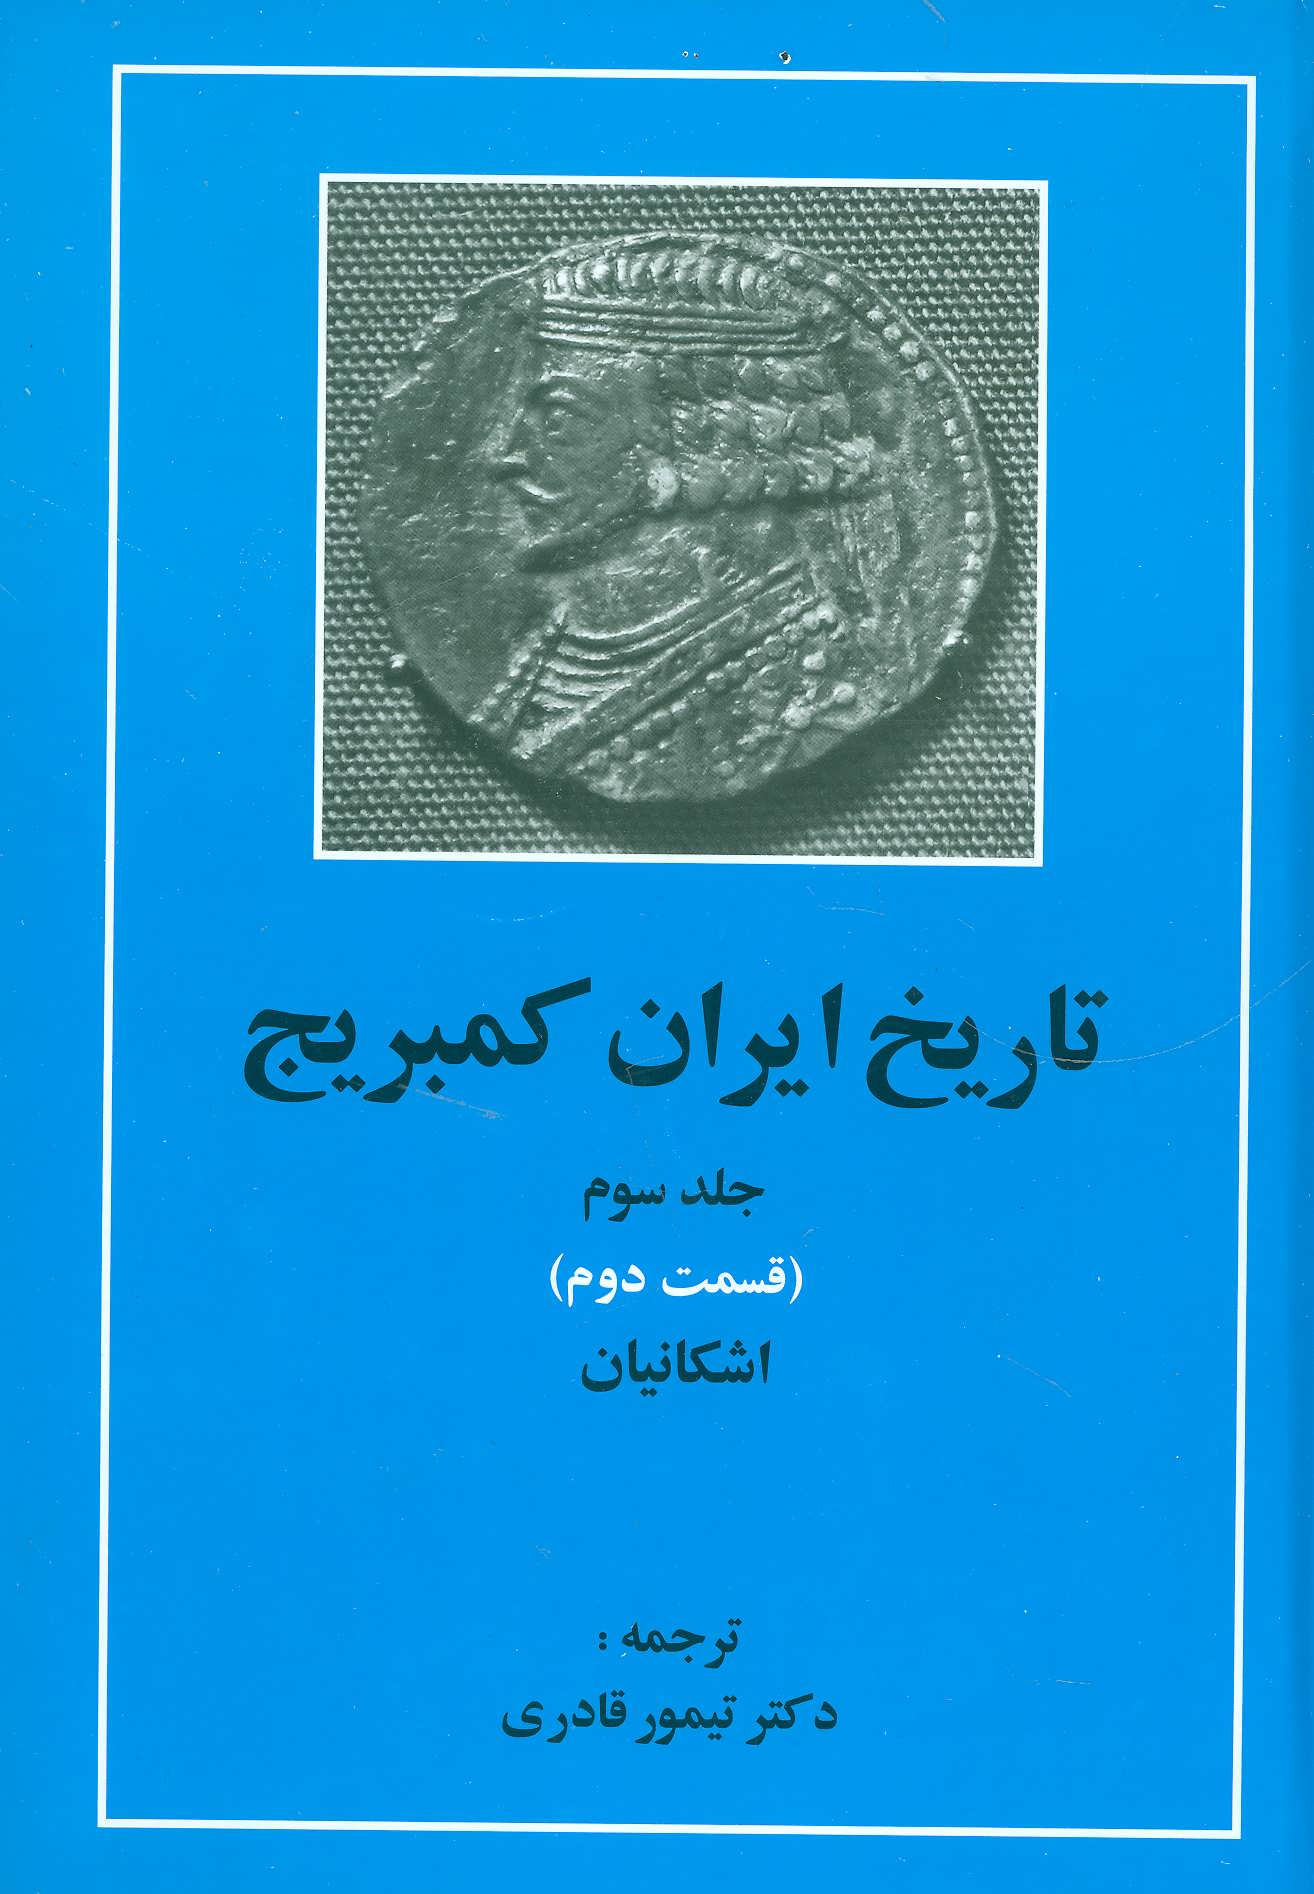 تاریخ ایران کمبریج 3 (قسمت دوم:اشکانیان)